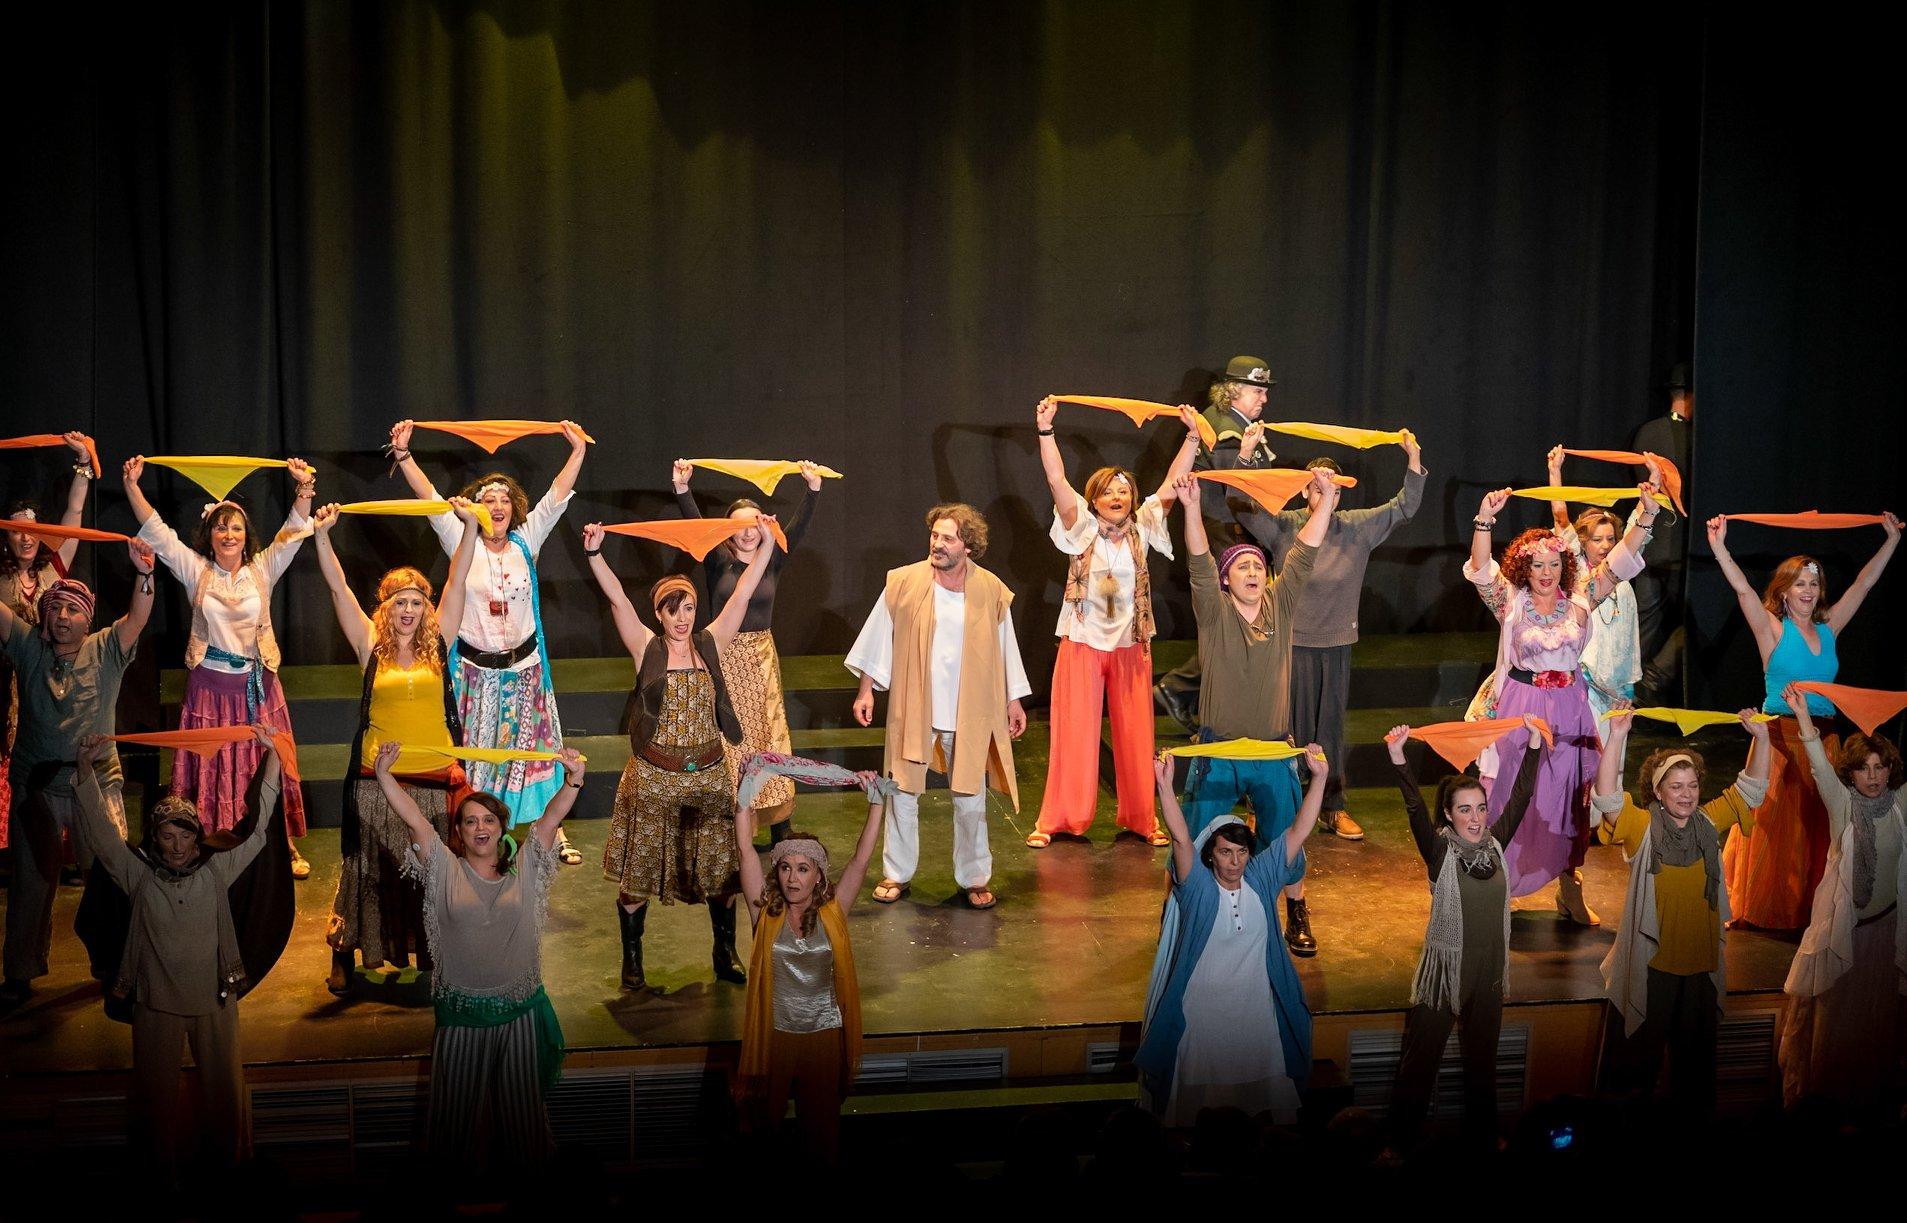 Elsábado 10 de abril a las19.00 horas,dentro delXVI Certamen de Teatro Abierto de Hortaleza, podrá disfrutarse de la representación de la obra Jesucristo Superstar